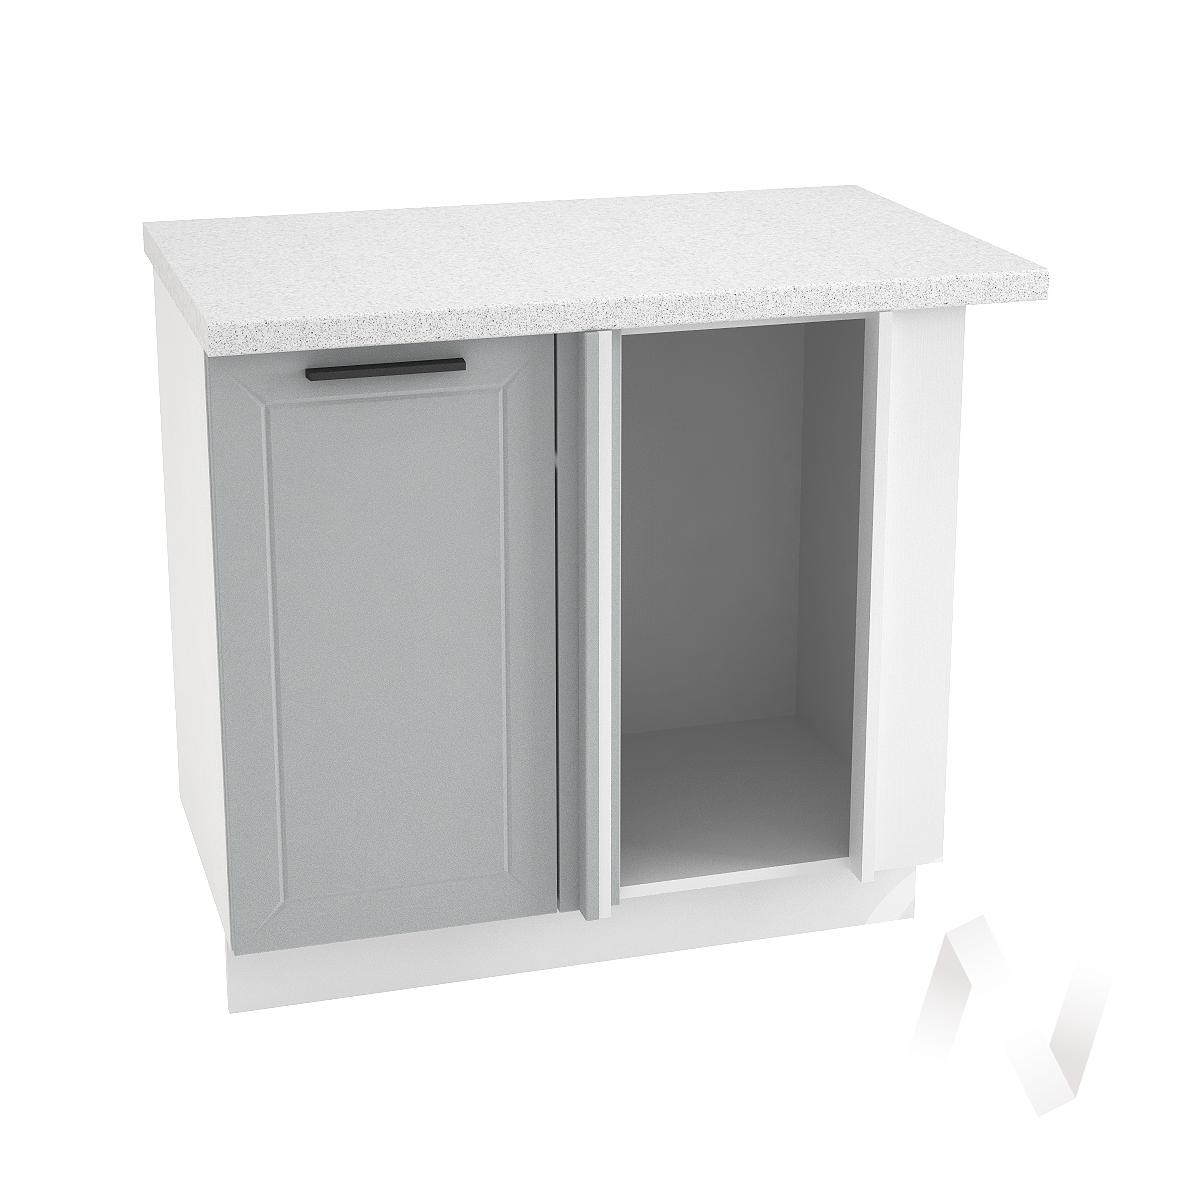 """Кухня """"Глетчер"""": Шкаф нижний угловой 990М, ШНУ 990М (Гейнсборо Силк/корпус белый)"""